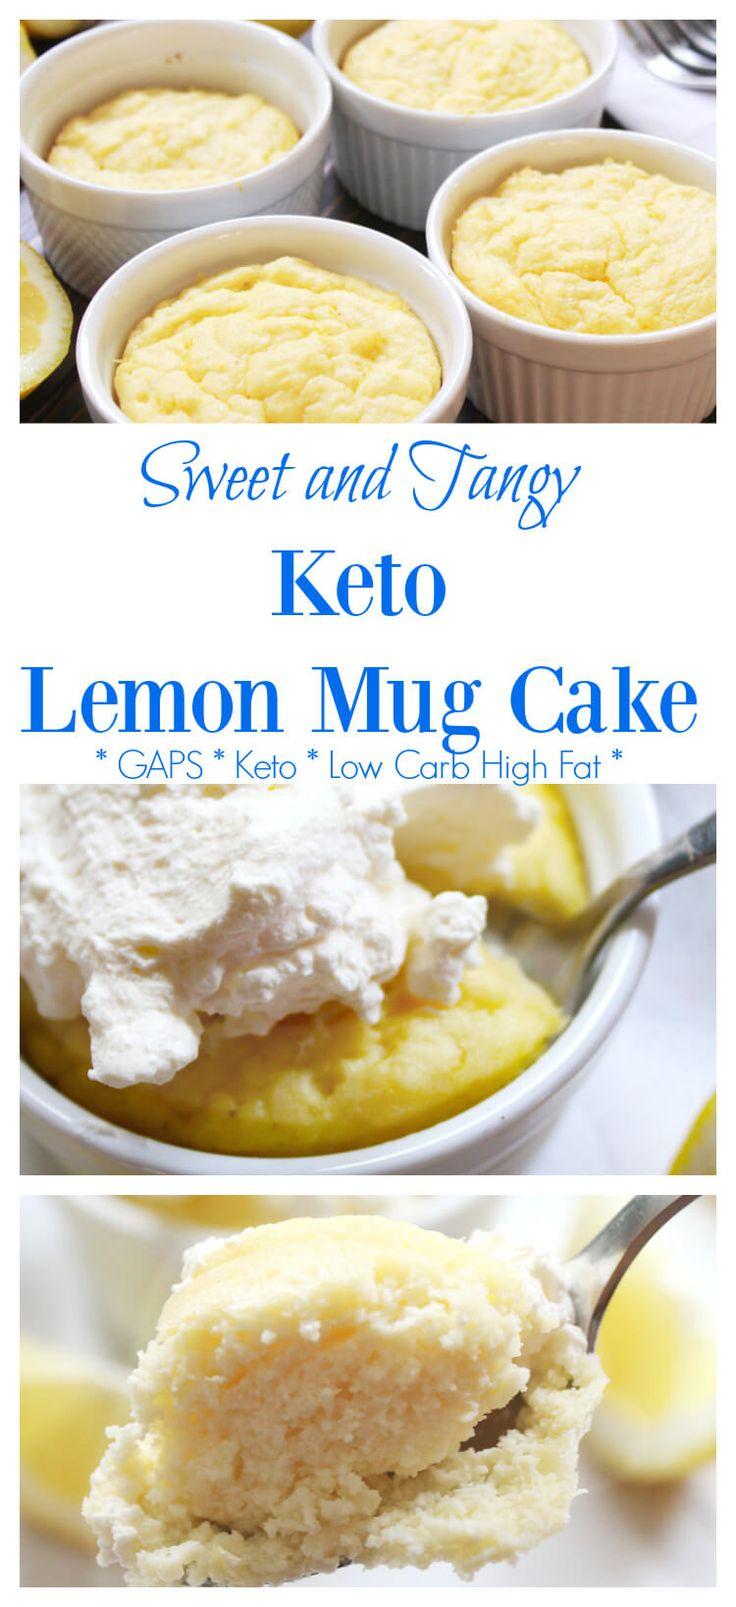 Keto Lemon Mug Cake   Recipe   Mug recipes, Lemon mug cake ...